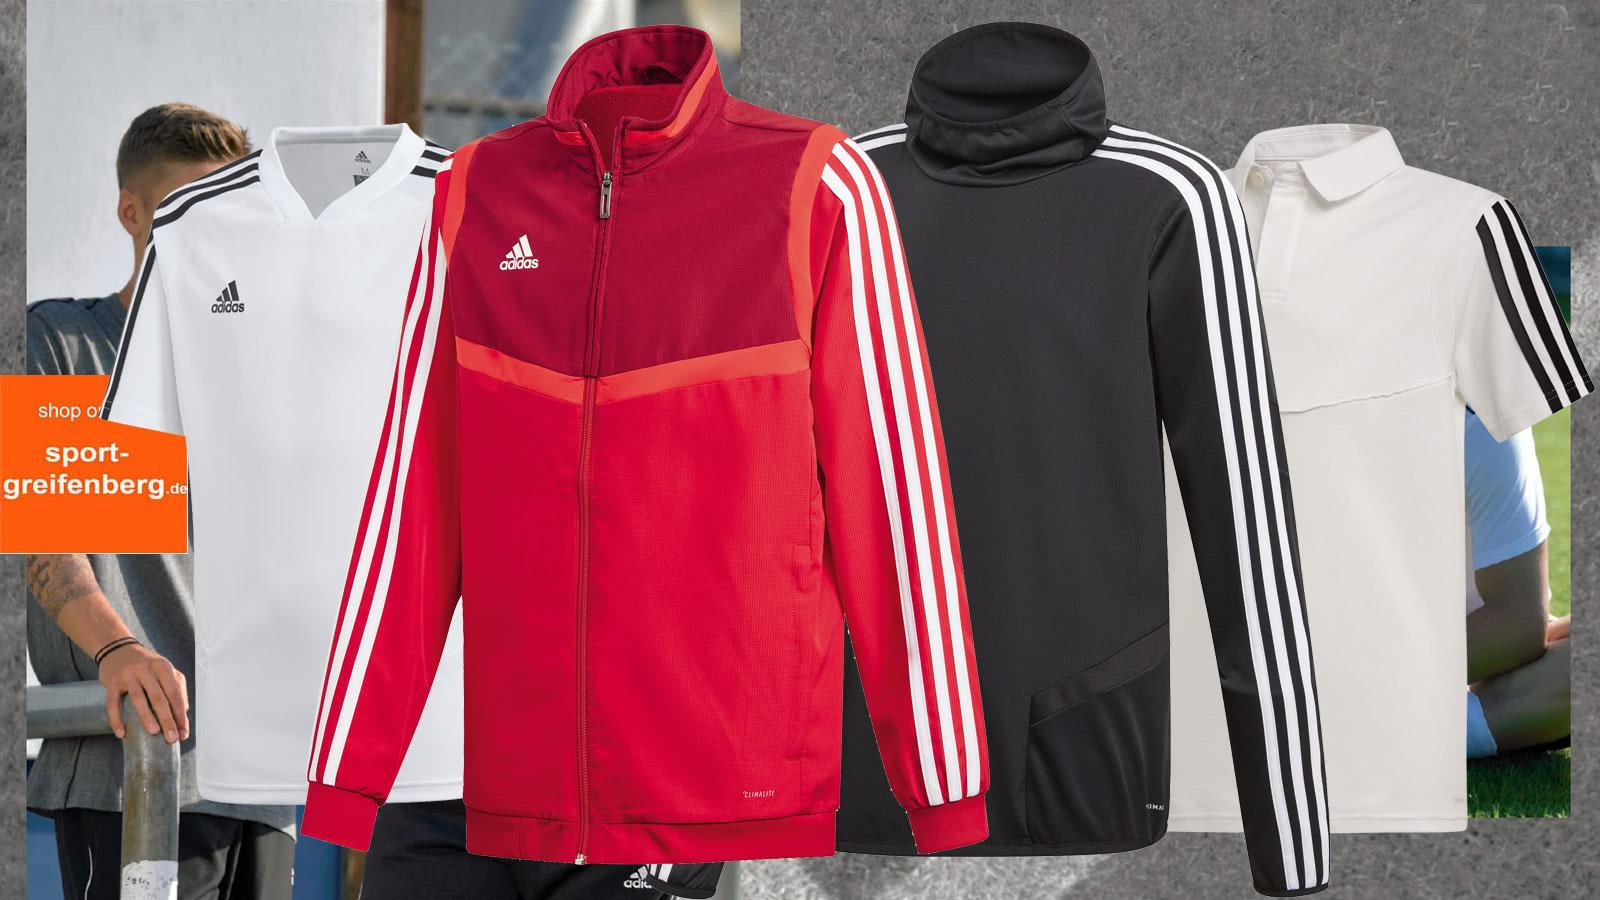 adidas Tiro 19 Sportbekleidung im Shop kaufen